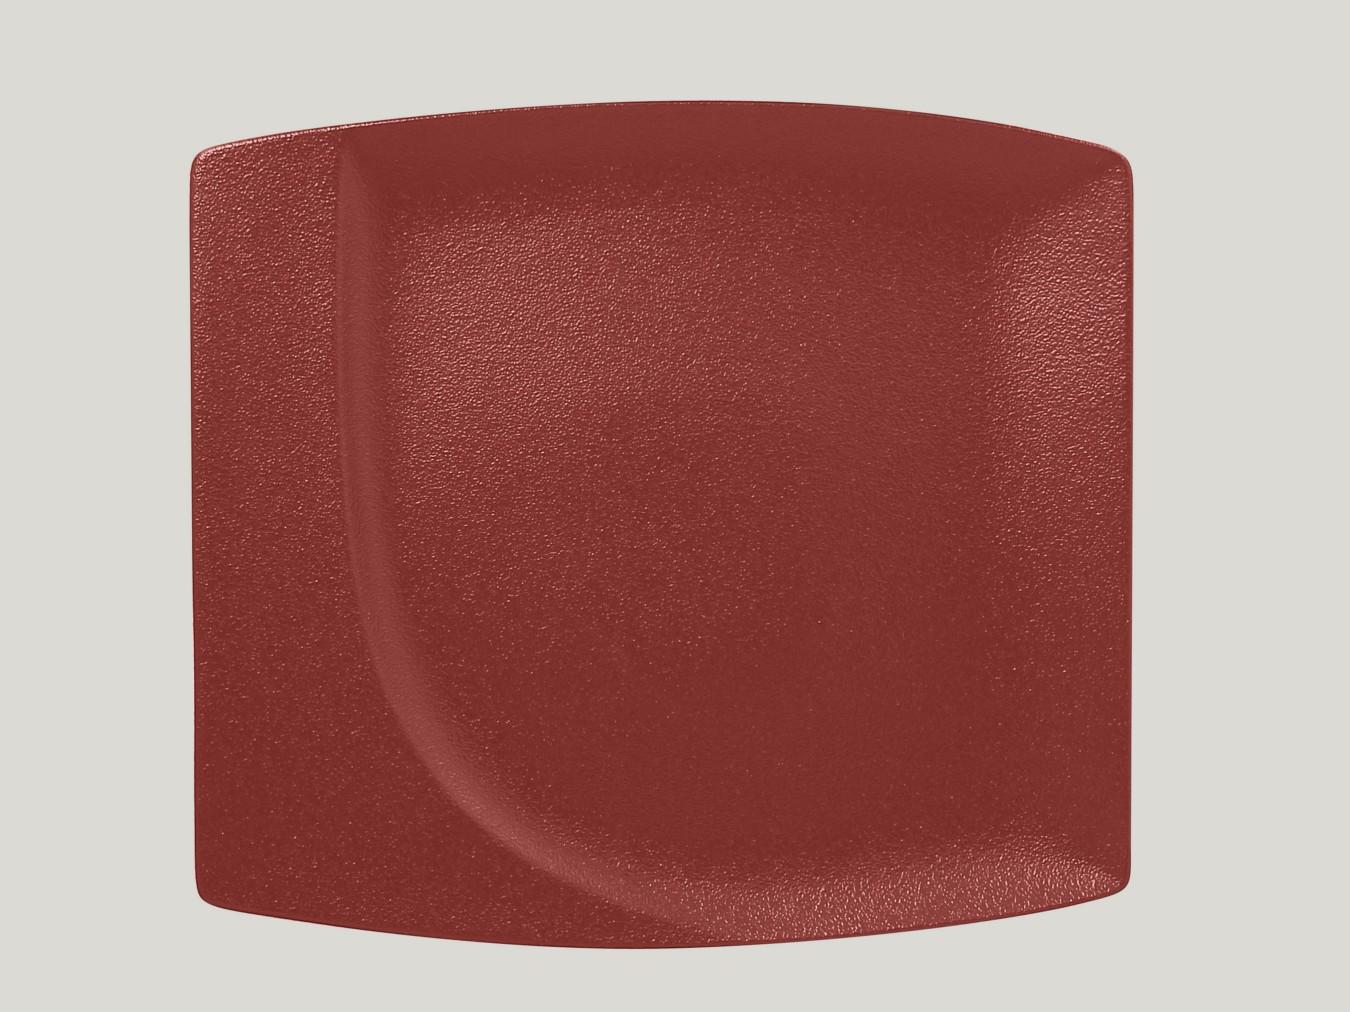 Čtvercový mělký talíř - tmavě červená Neofusion